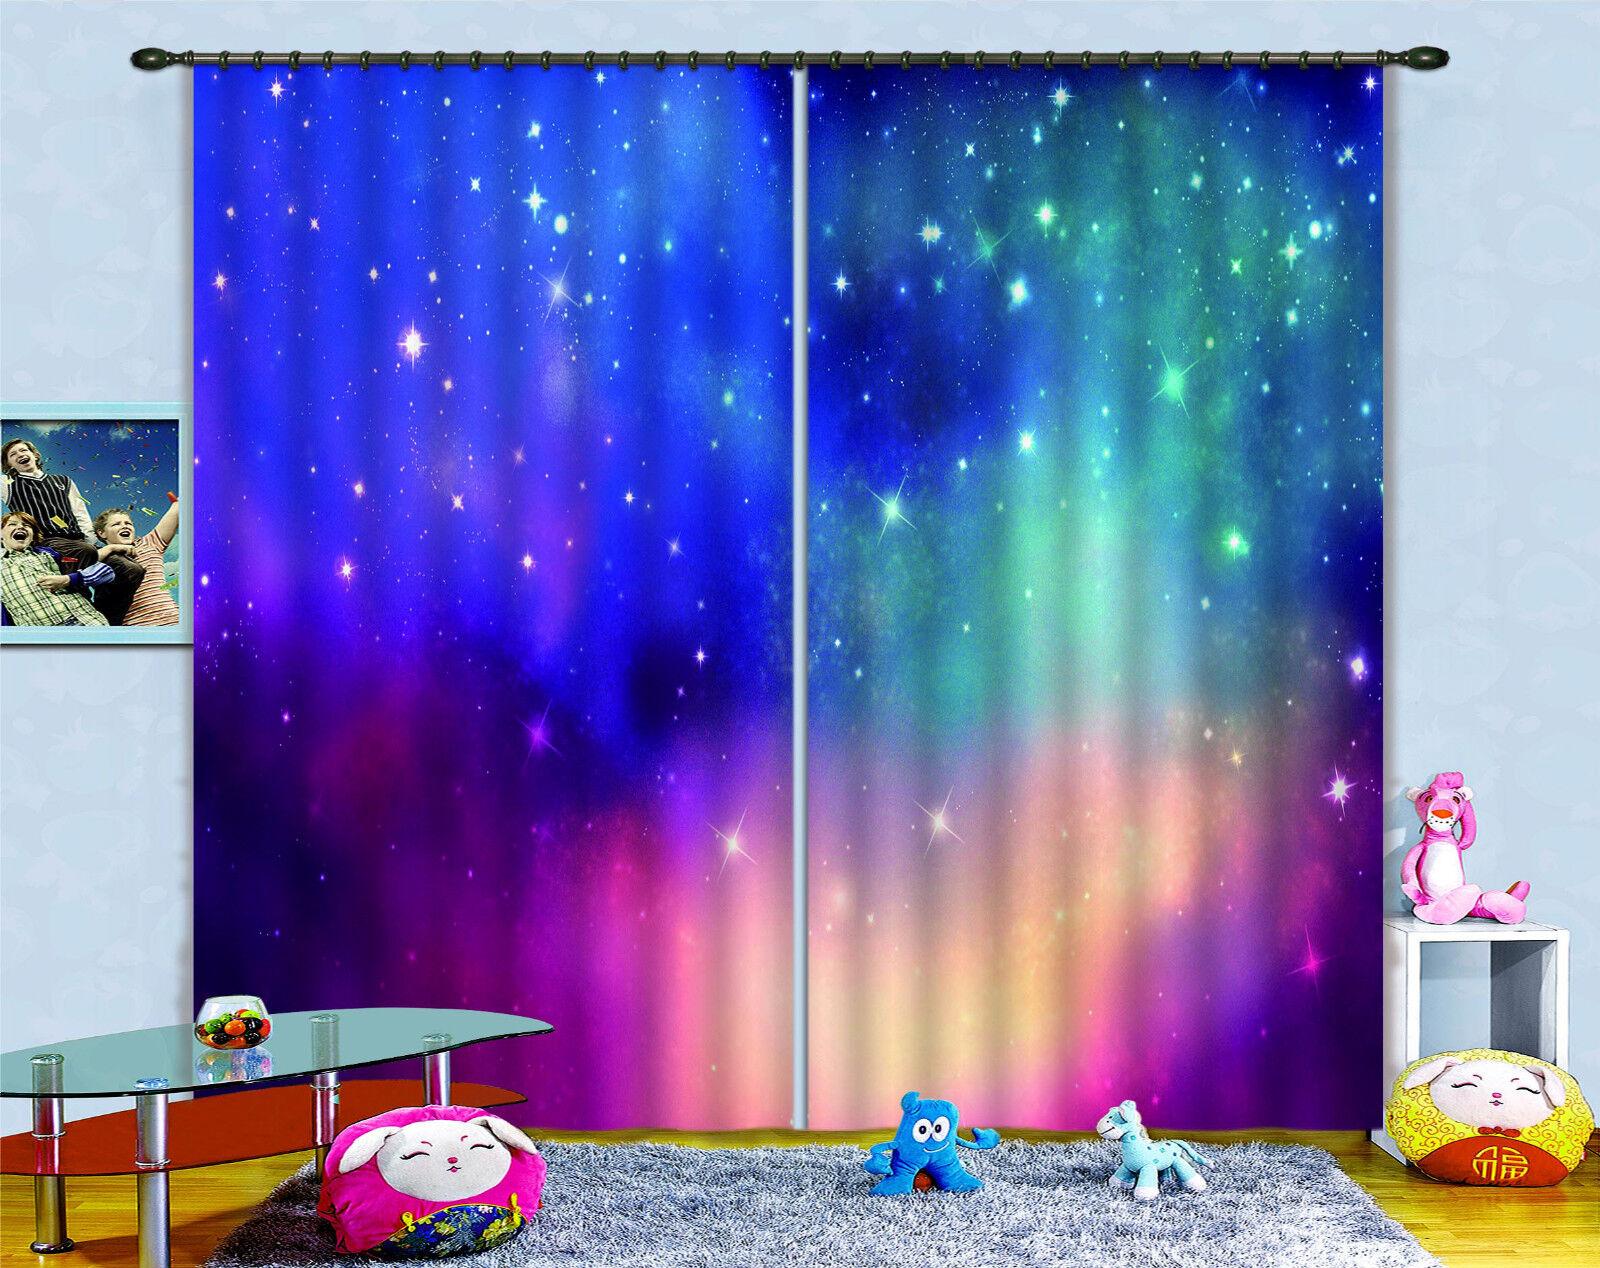 3d Color estrellas 387 bloqueo foto cortina cortina de impresión sustancia cortinas de ventana